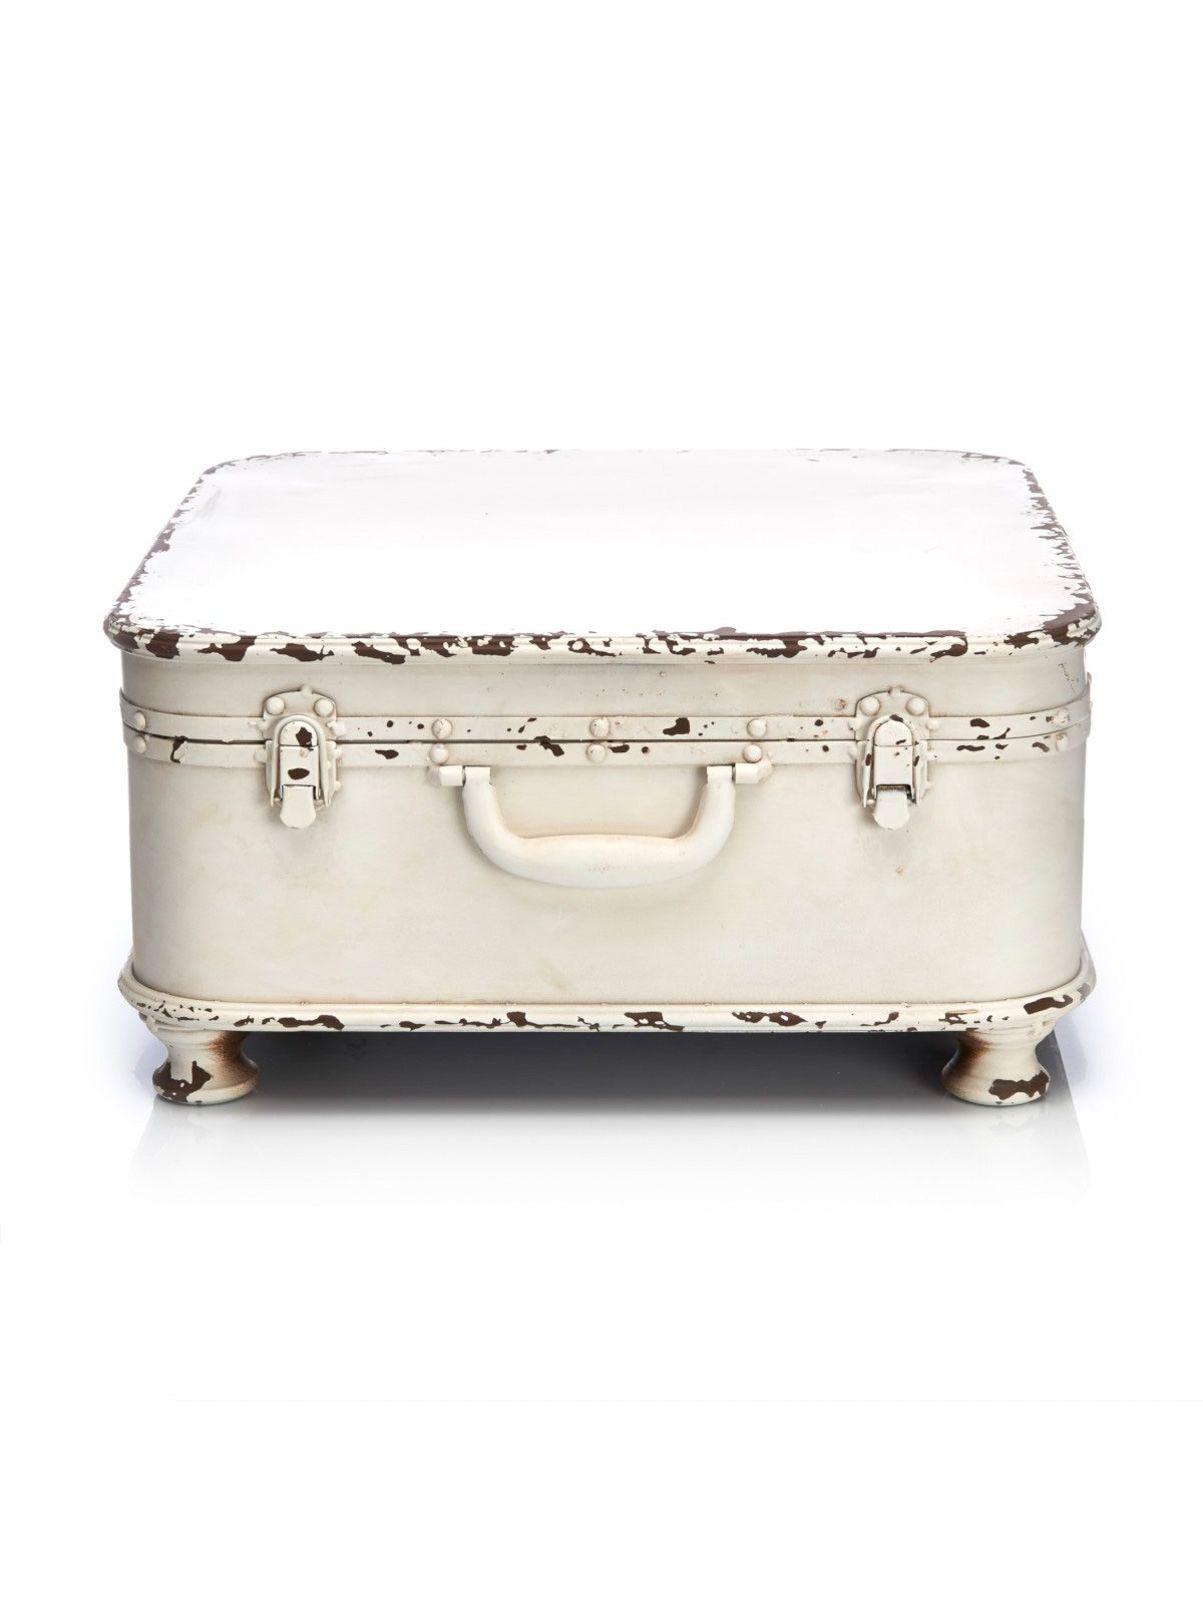 Beistelltisch Metall Jetzt Bestellen Unter Https Moebel Ladendirekt De Wohnzimmer Tische Beistelltische Uid 426f1ade A568 53 Decor Home Decor House Styles